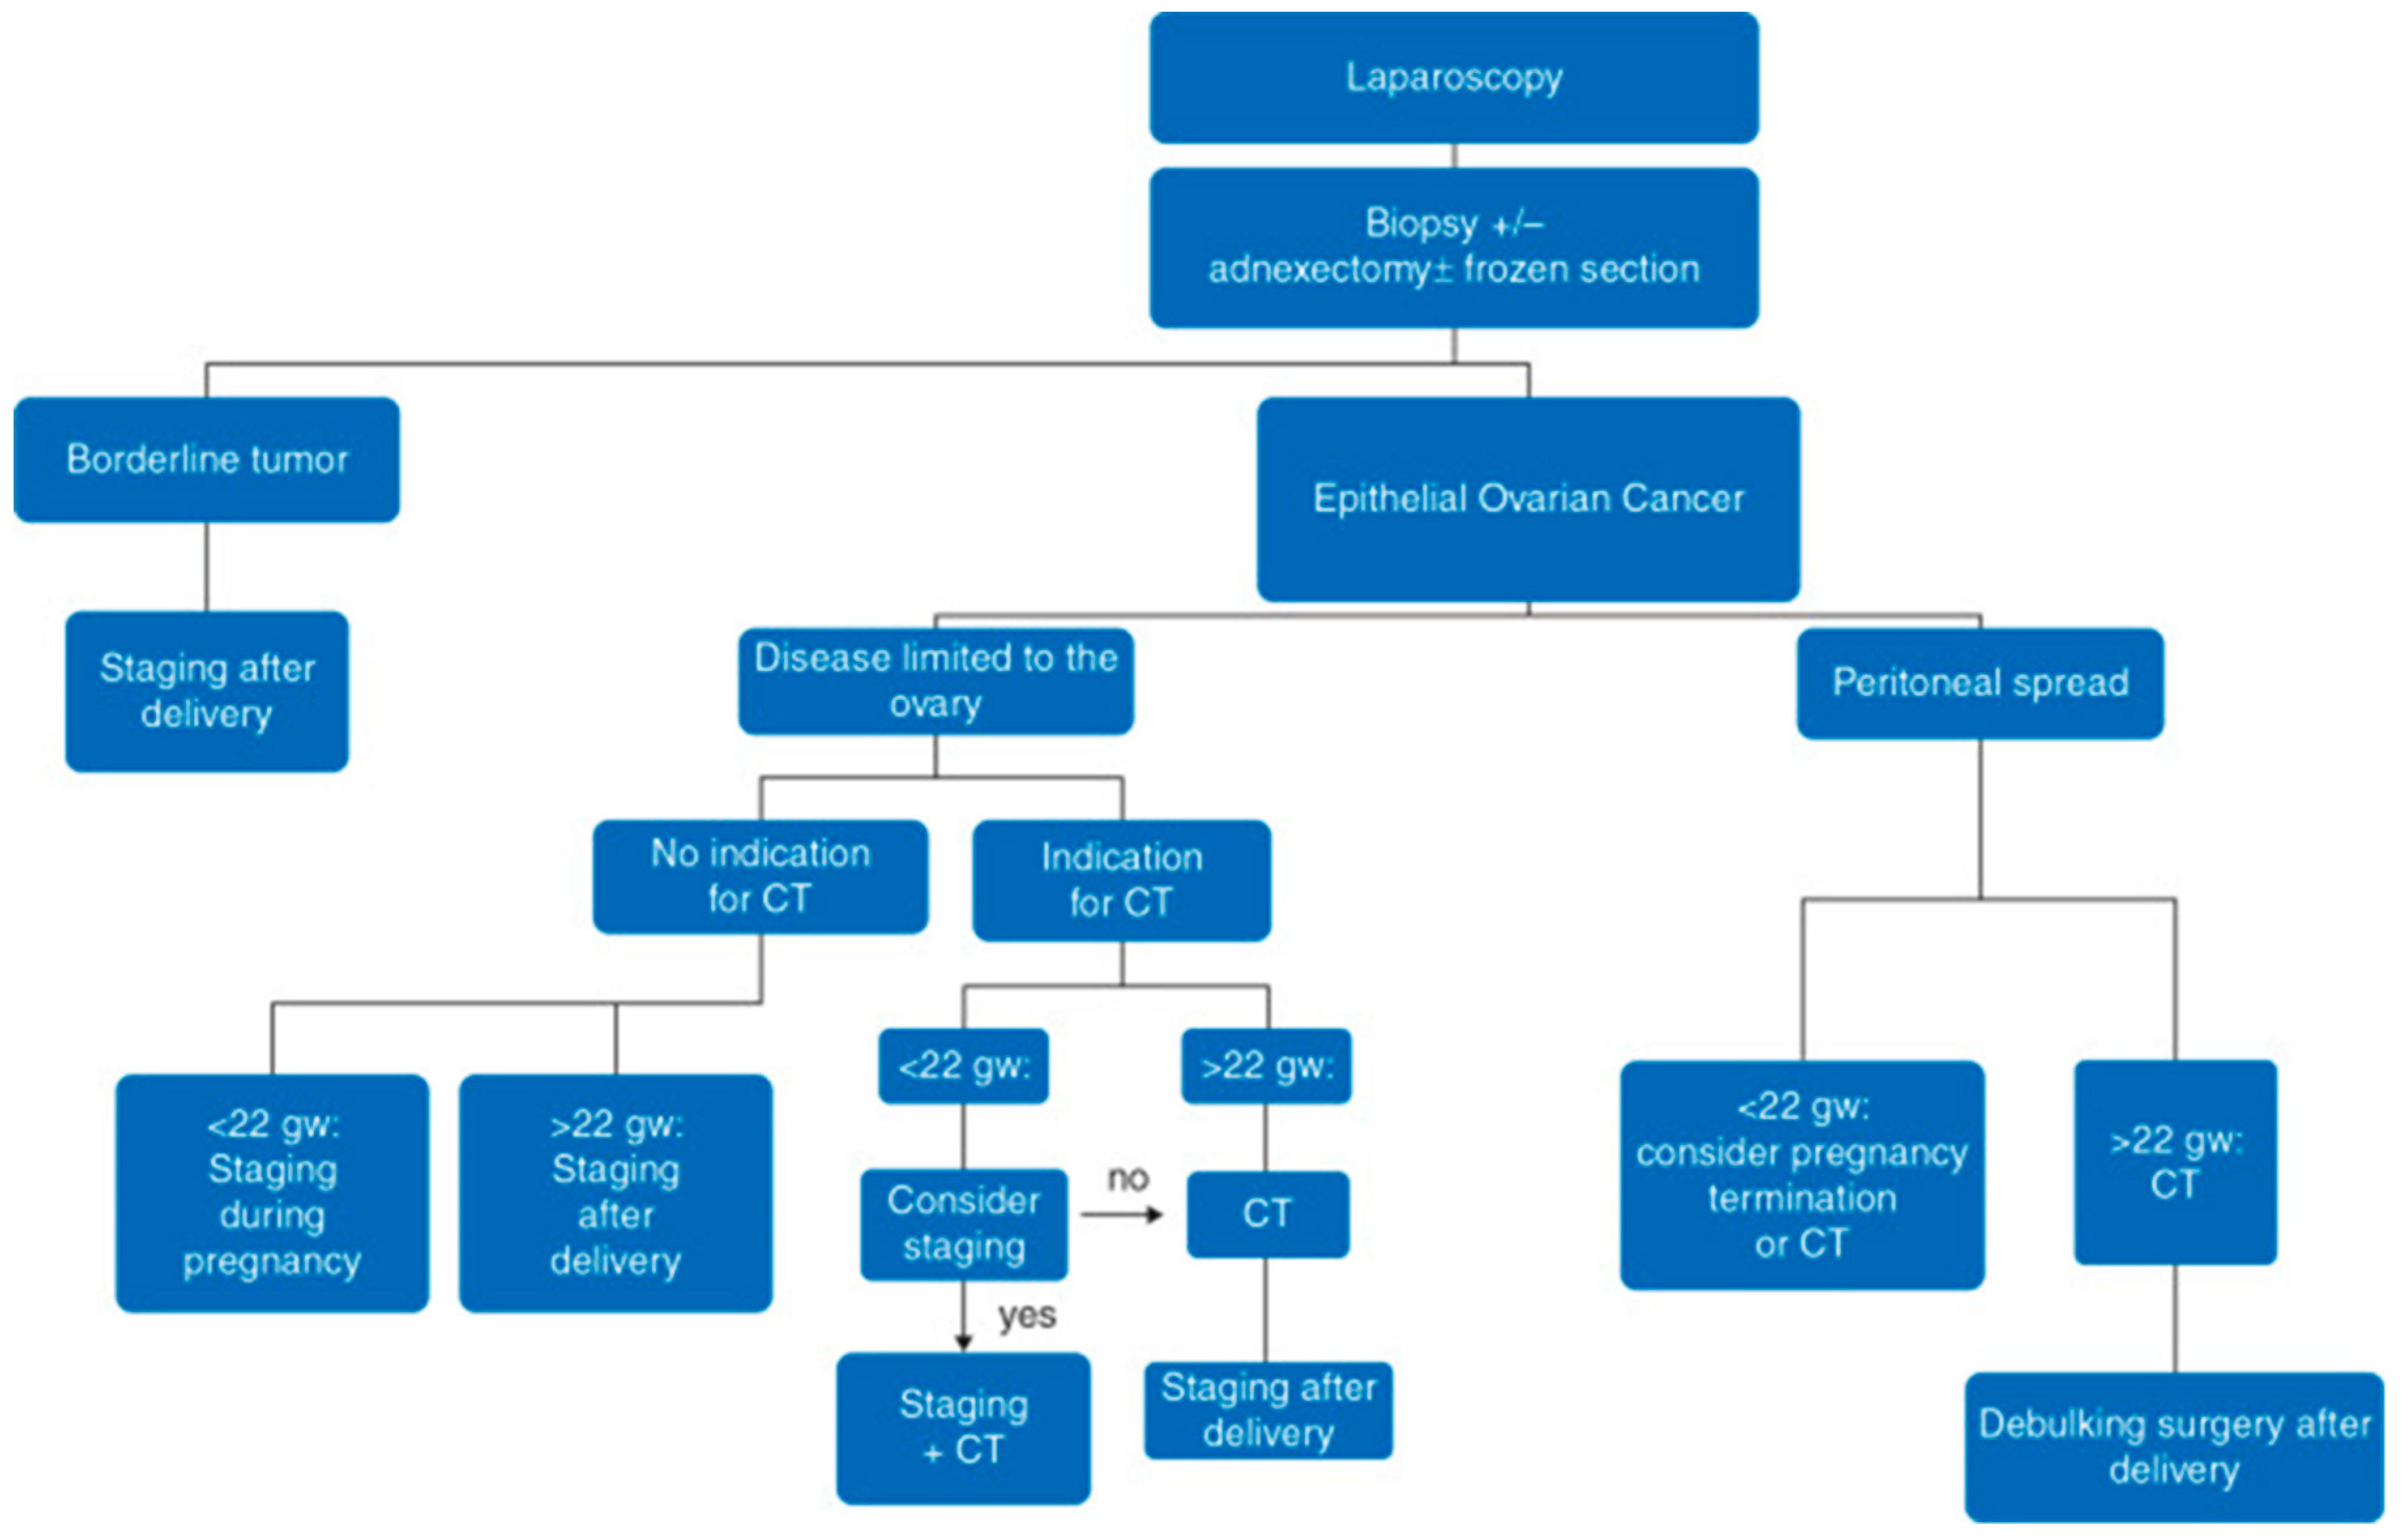 Ovarian cancer or pregnancy, Proceduri ginecologice laparoscopice în timpul sarcinii